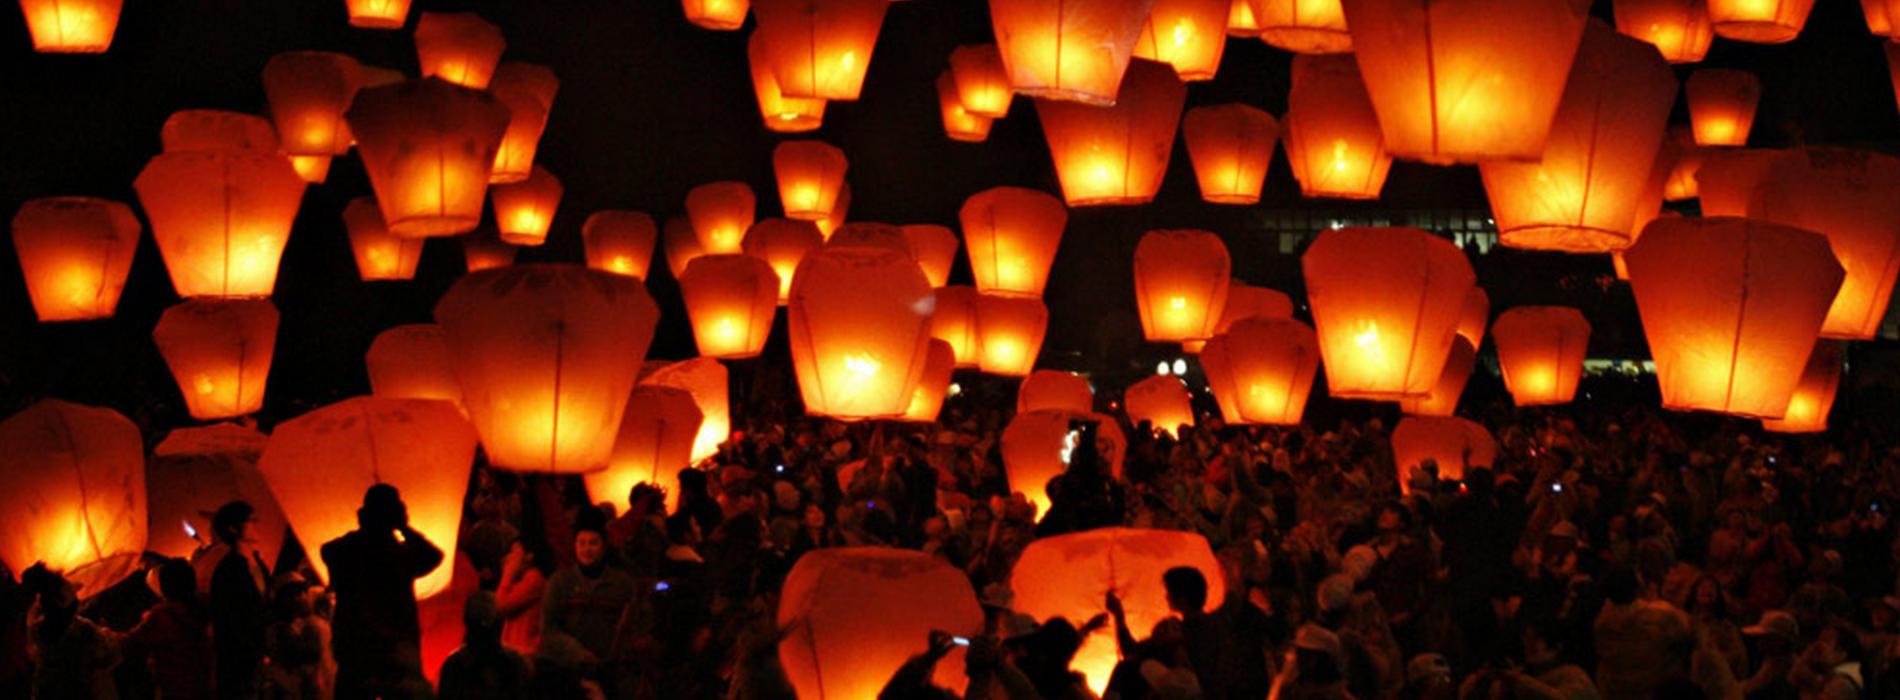 Lanterne per Capodanno